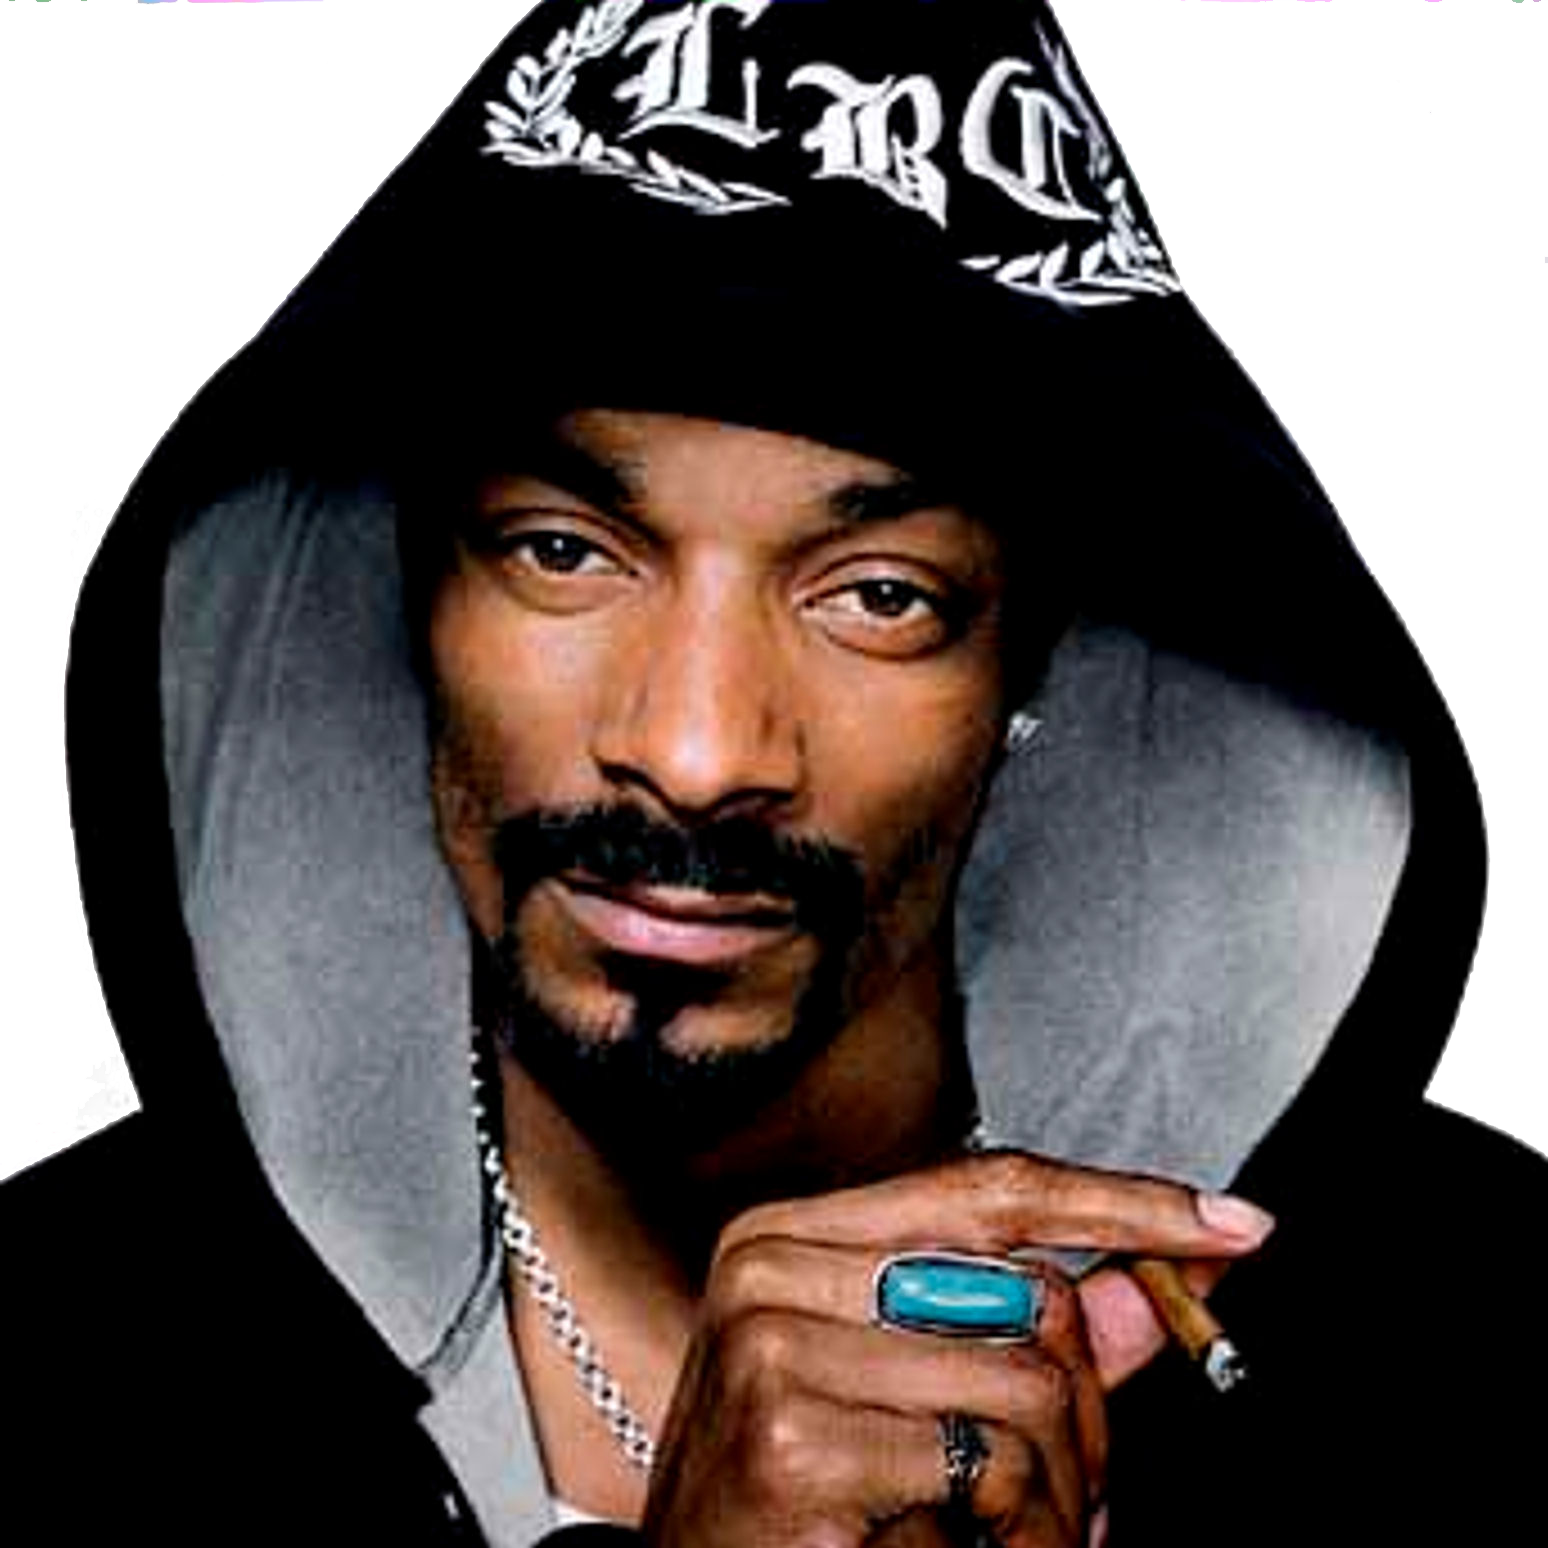 Snoop Dogg Png Image Snoop Dogg Muzik Album